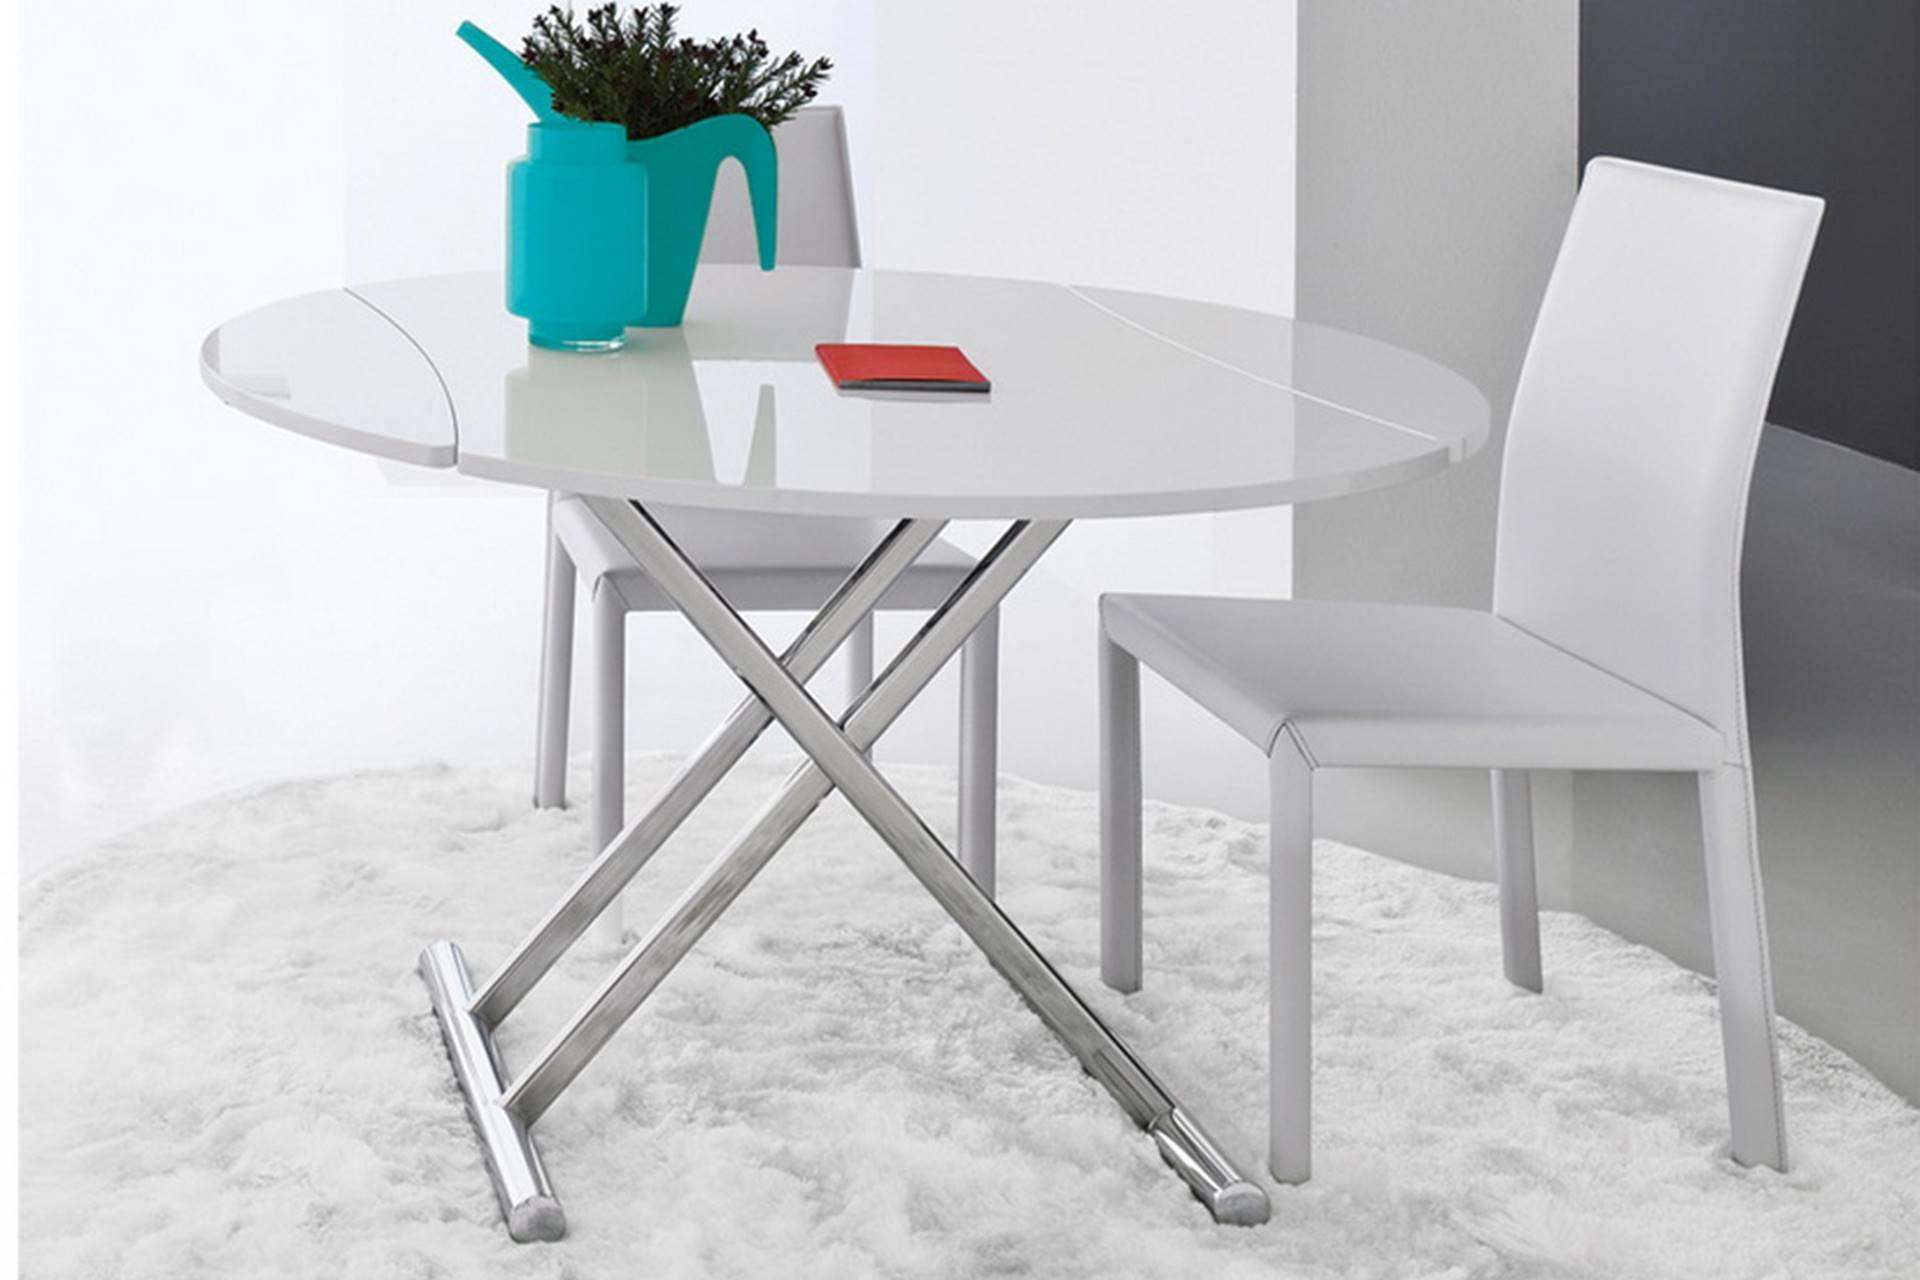 table basse 4 story. Black Bedroom Furniture Sets. Home Design Ideas